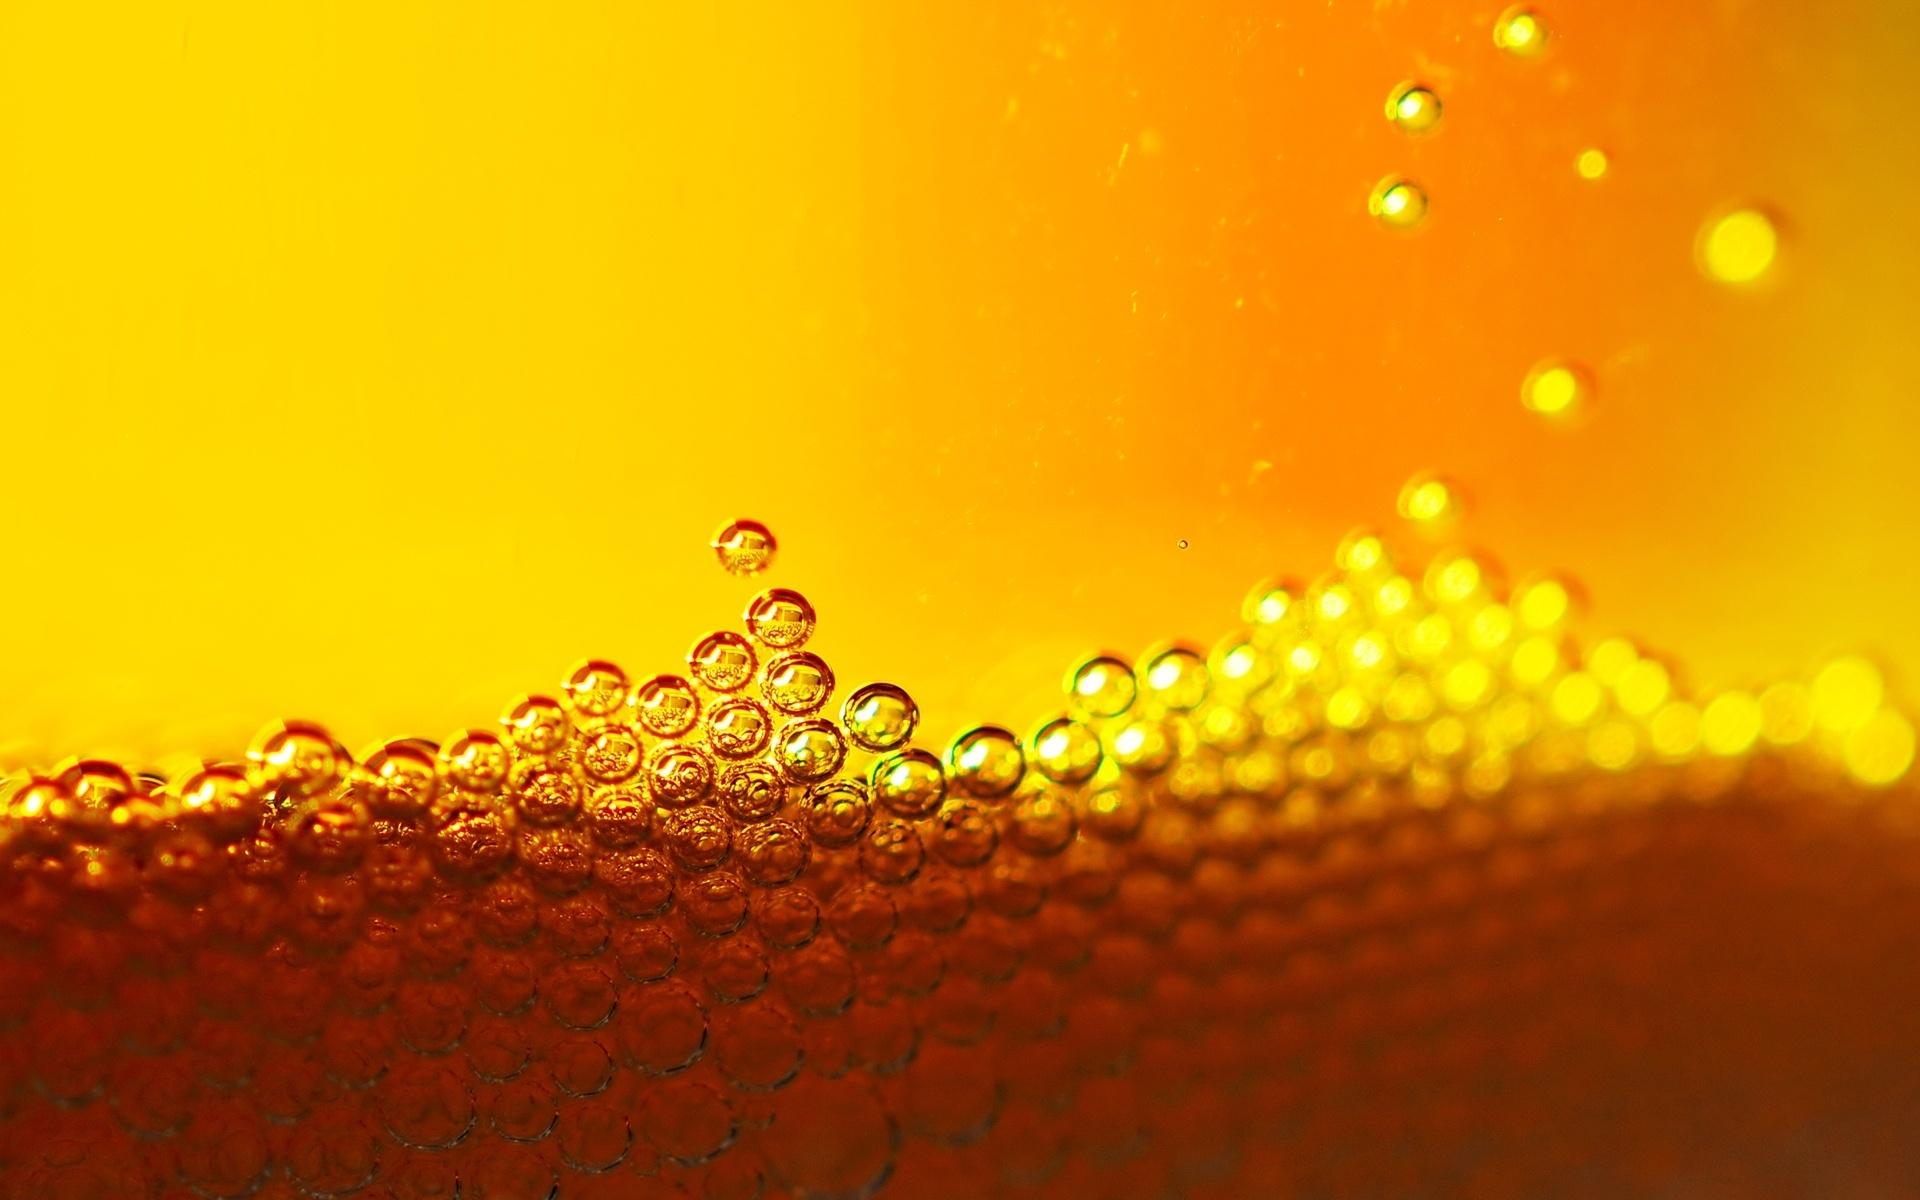 Yellow Macro Pictures 37404 1680x1050 px